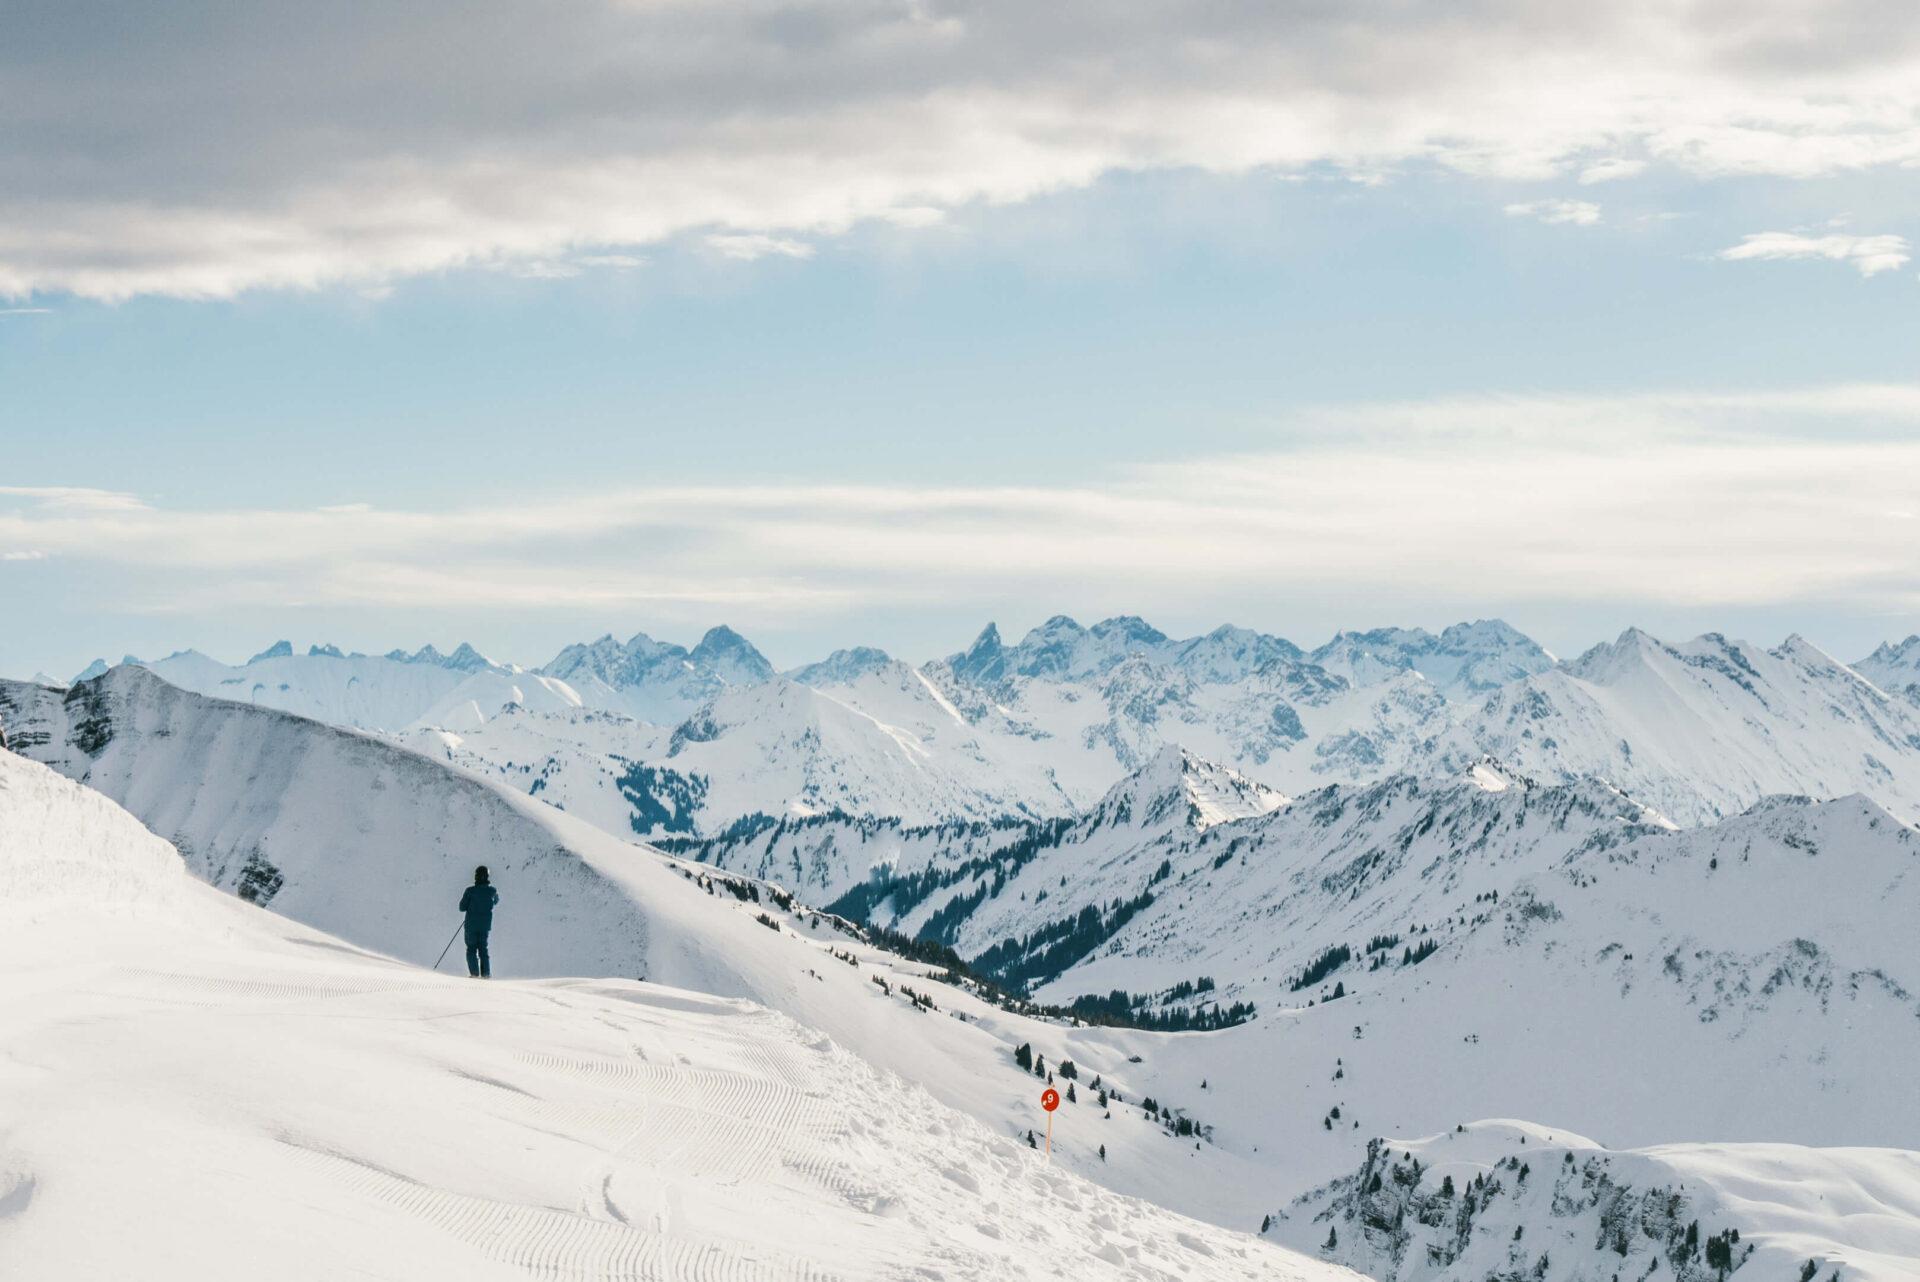 vorarlberg diedamskopf bregenzerwald skiing winter snow mountain snowboard man